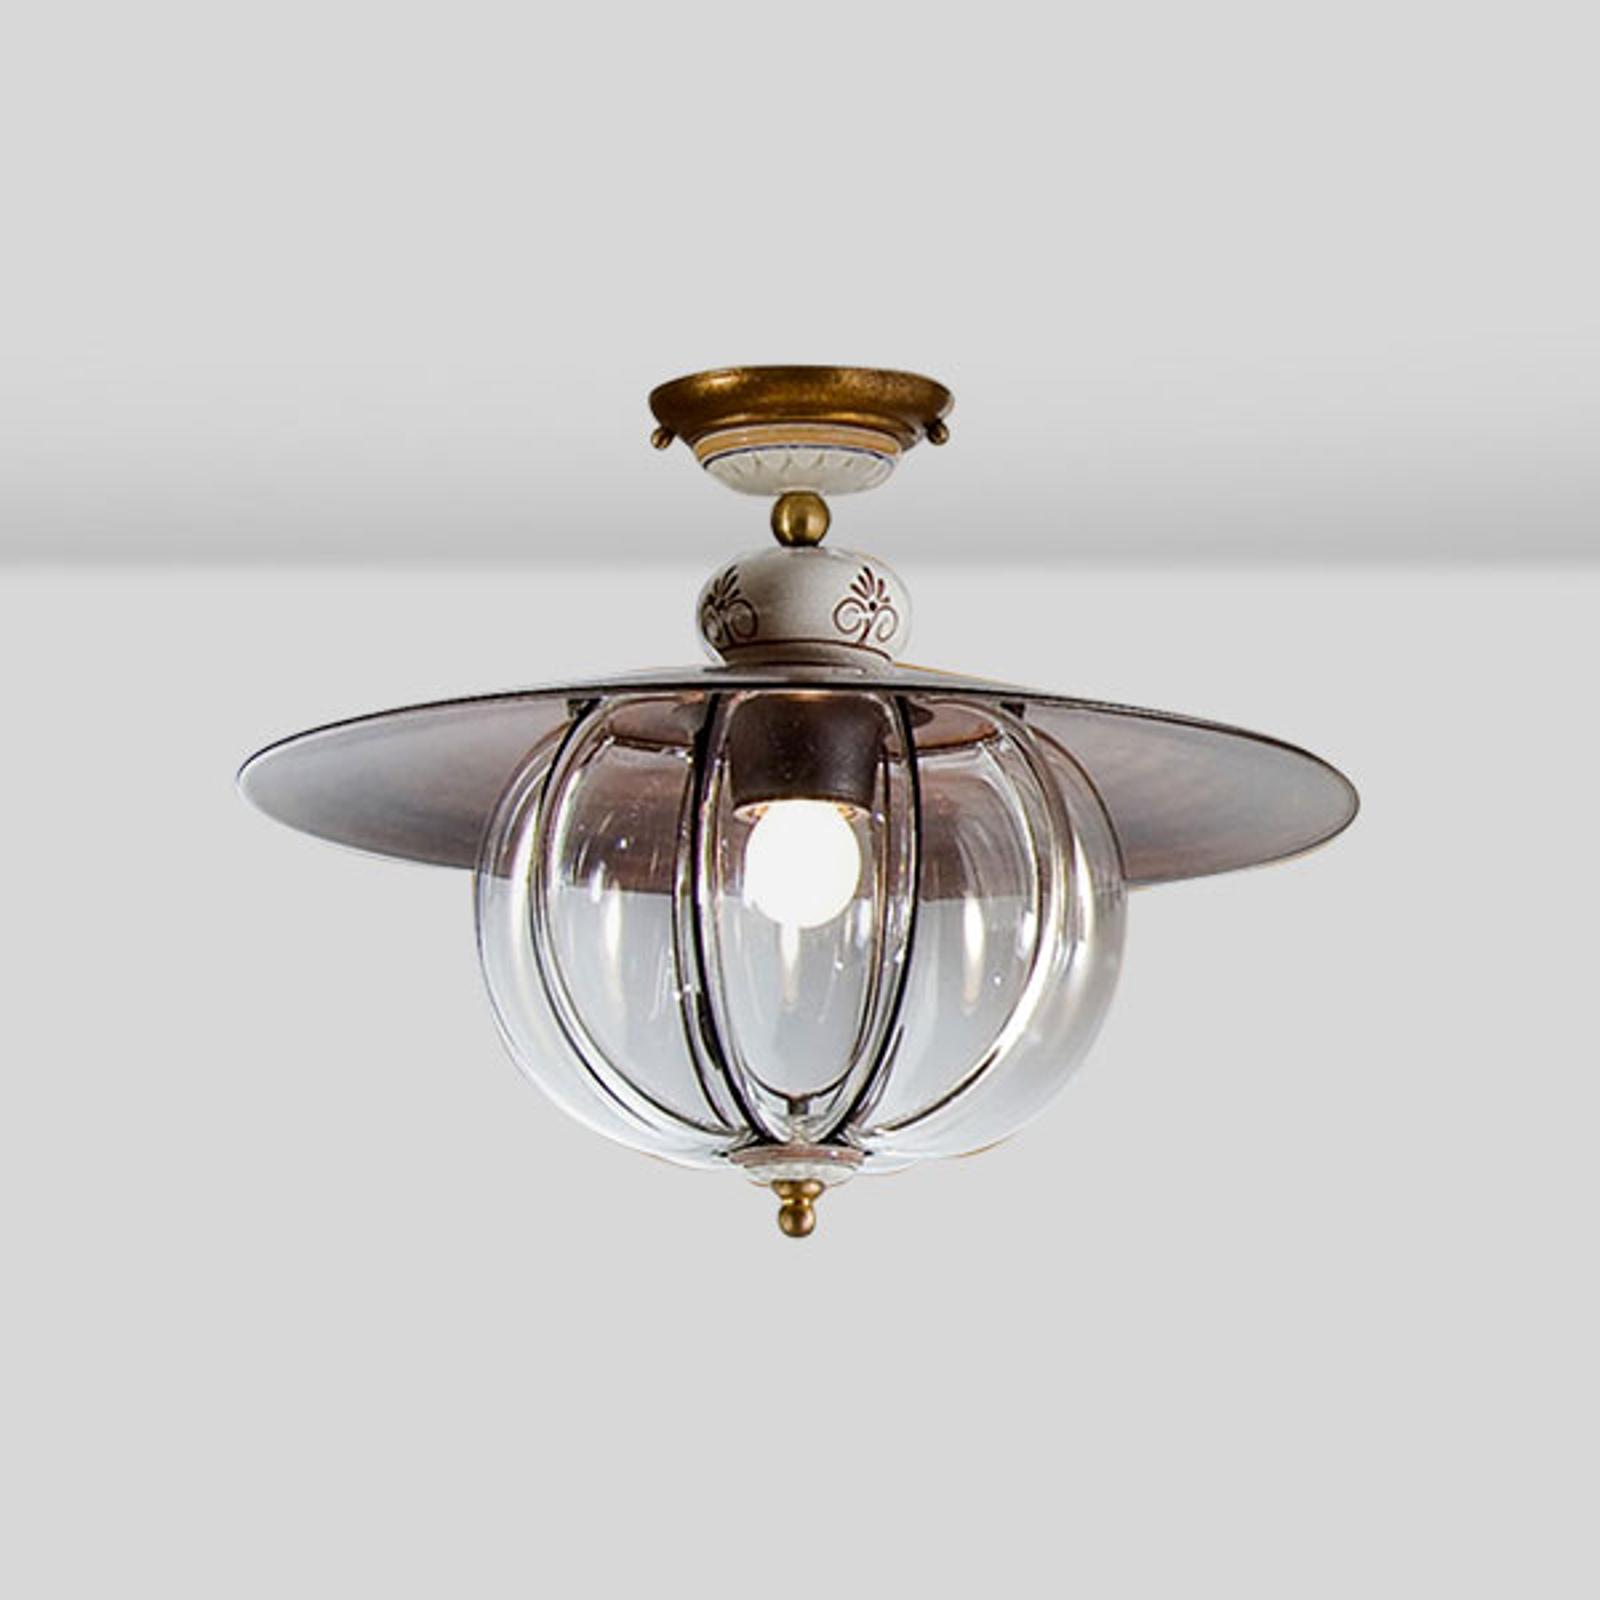 Handarbete - taklampa Lampara i lanthusstil